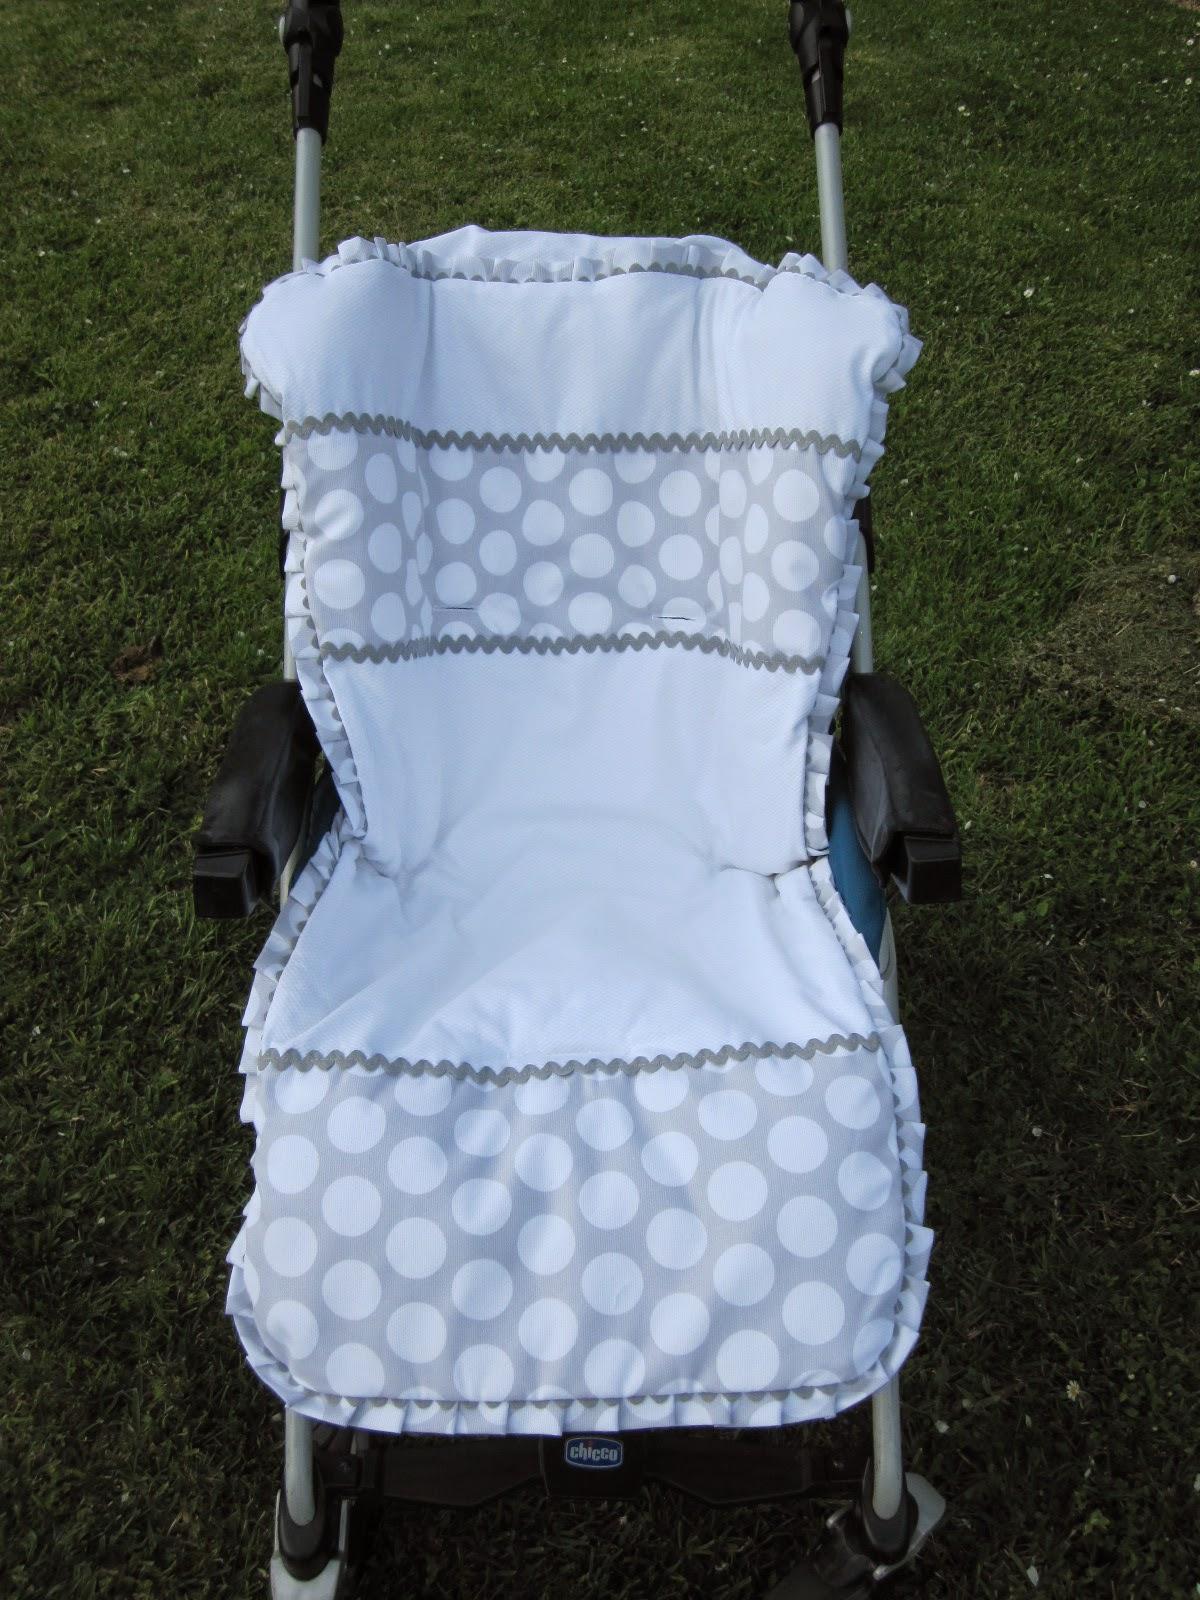 Pequechos saco para silla bebecar y maclaren for Saco para silla maclaren